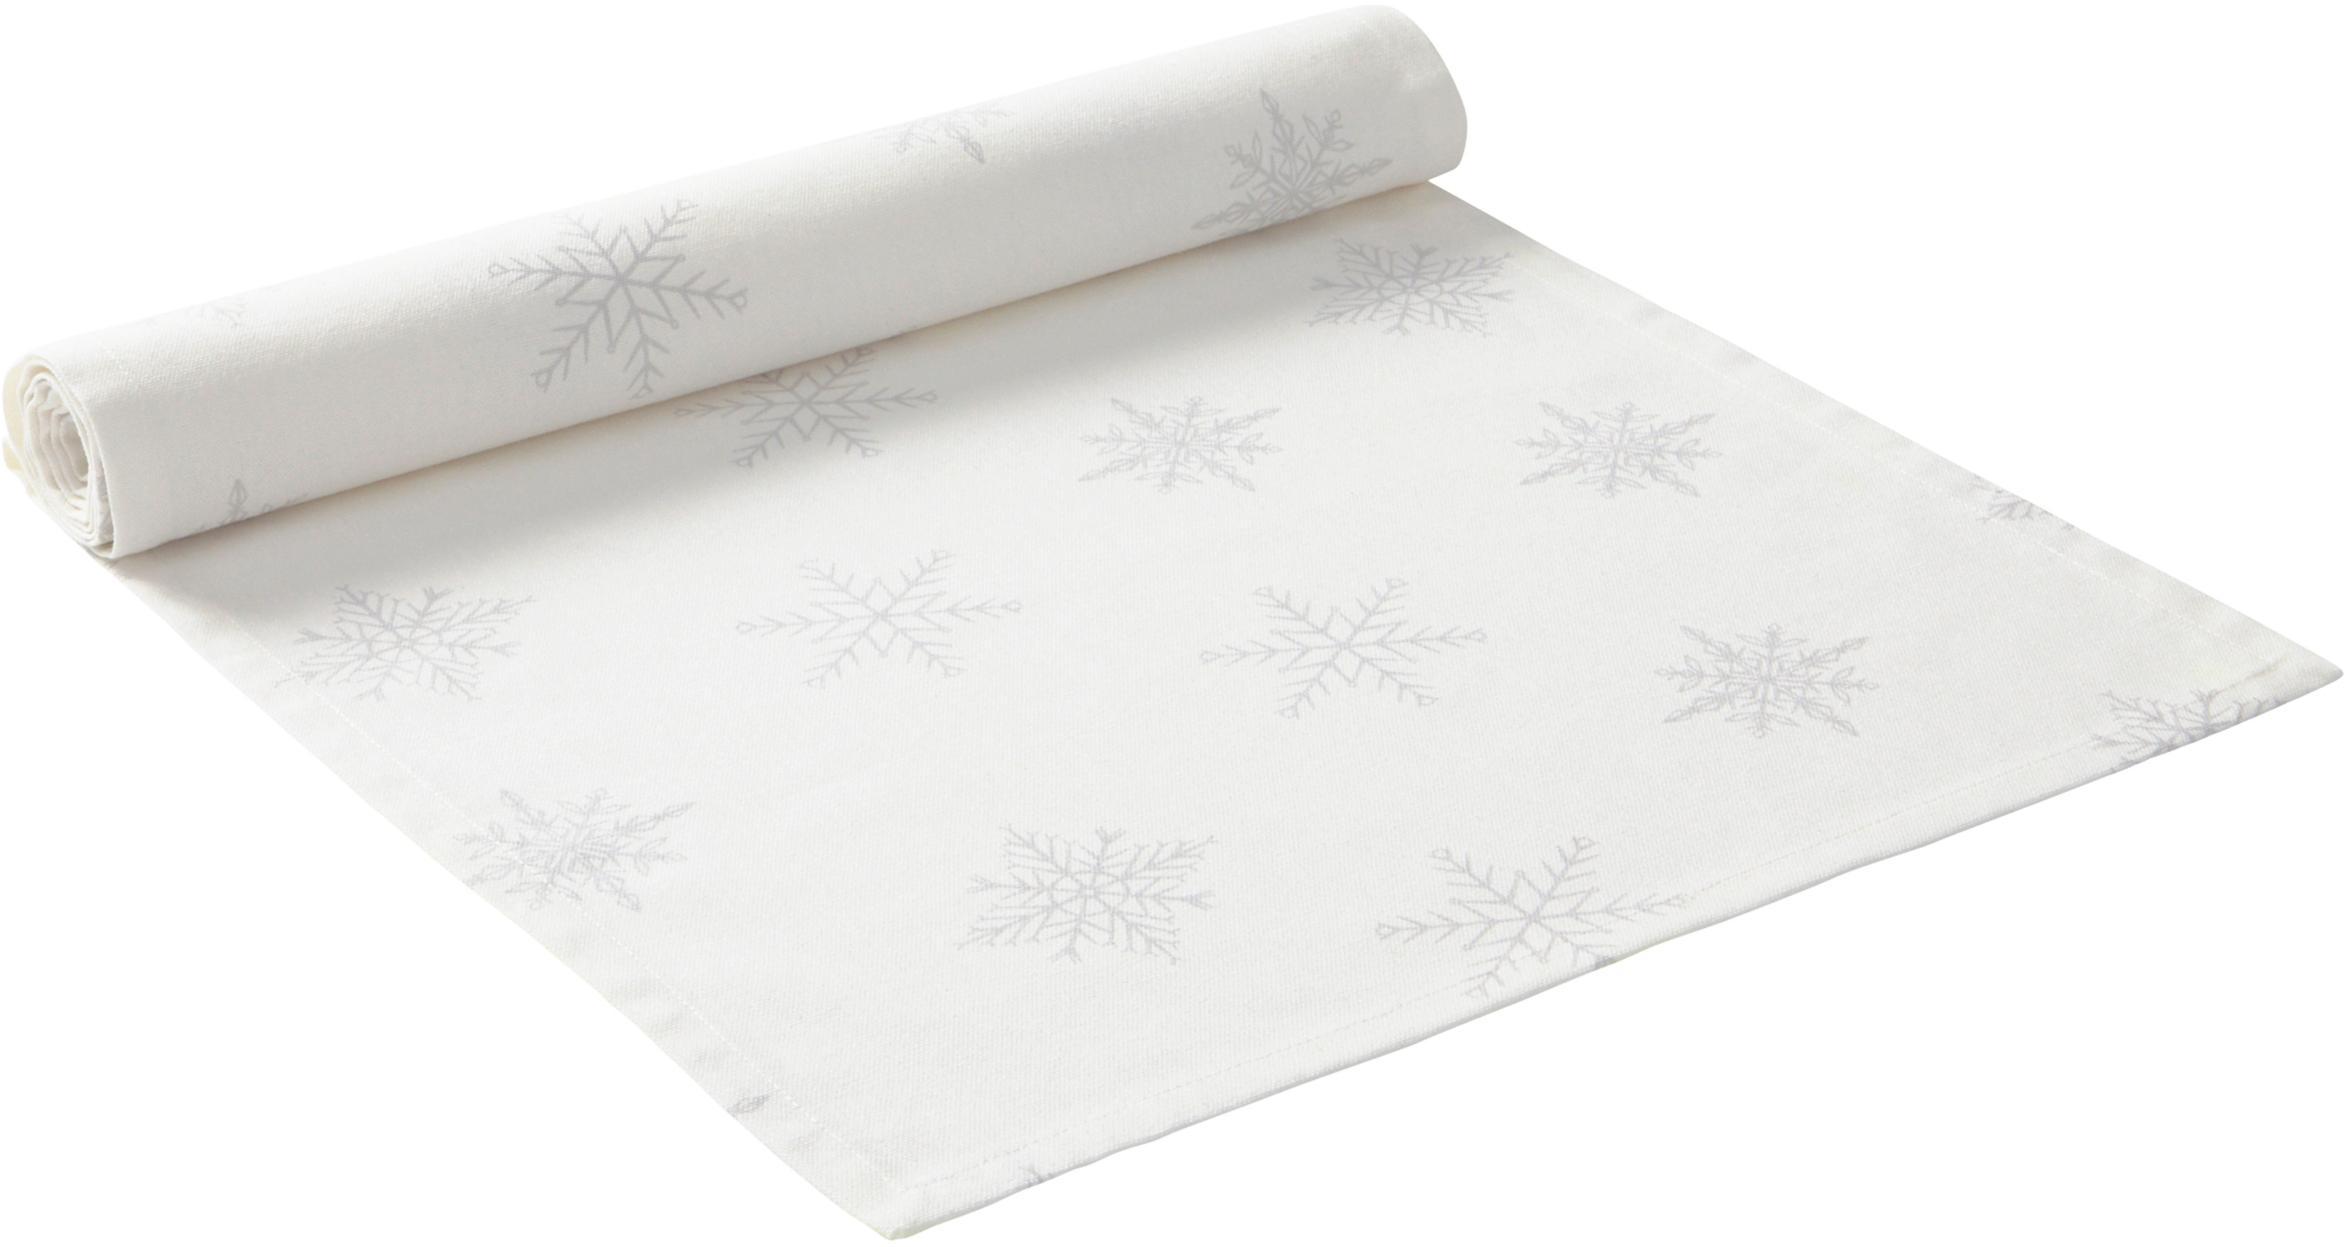 Runner Snow, 100% cotone, da coltivazione sostenibile di cotone, Bianco crema, grigio chiaro, Larg. 40 x Lung. 140 cm